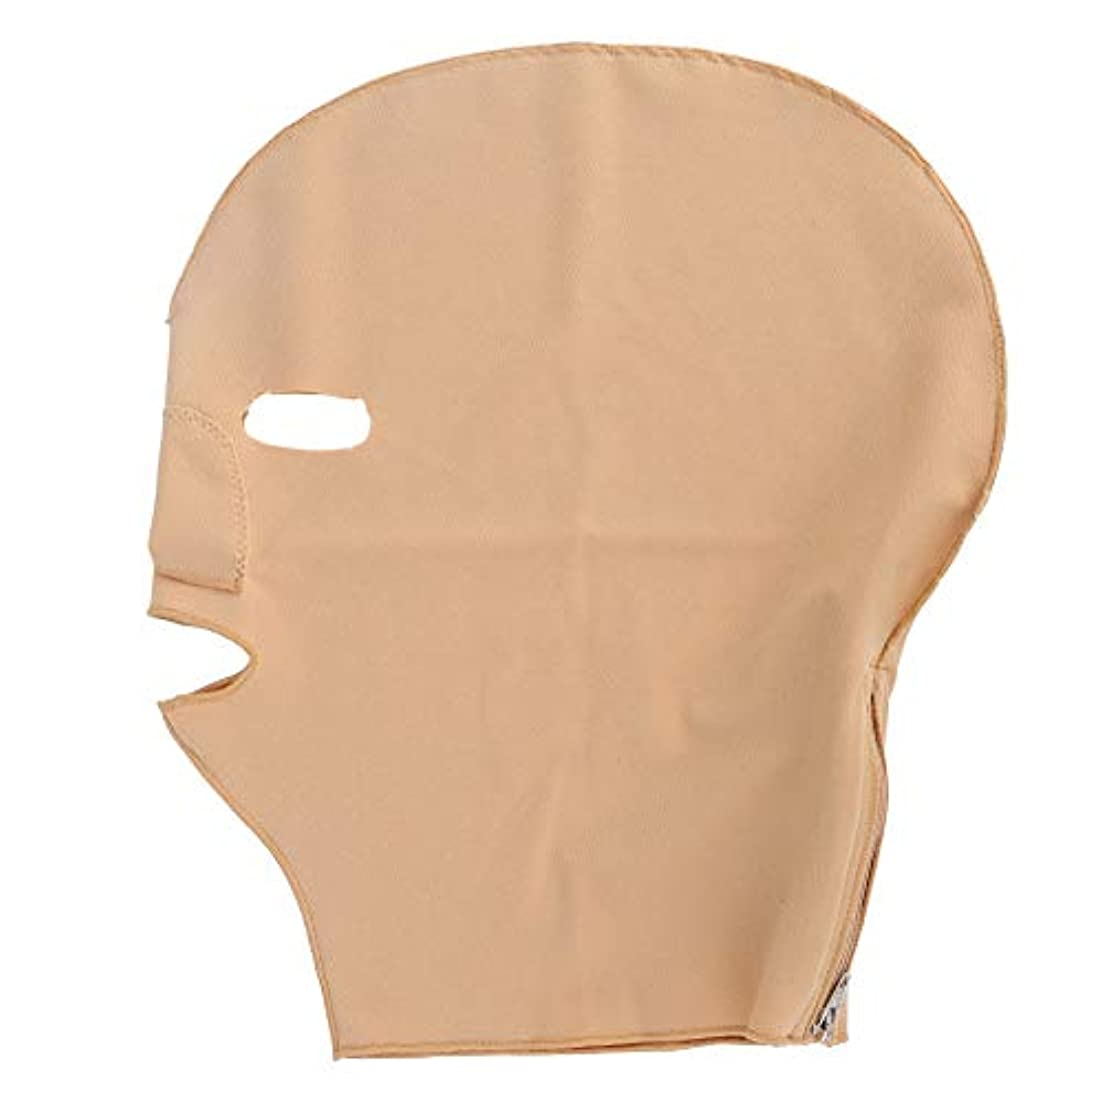 雰囲気ぼろやさしくV字型スリーピングフェイスリフティングマスク、アンチエイジングのためのチークファーミングタイトラップ美容ストラップ(L)